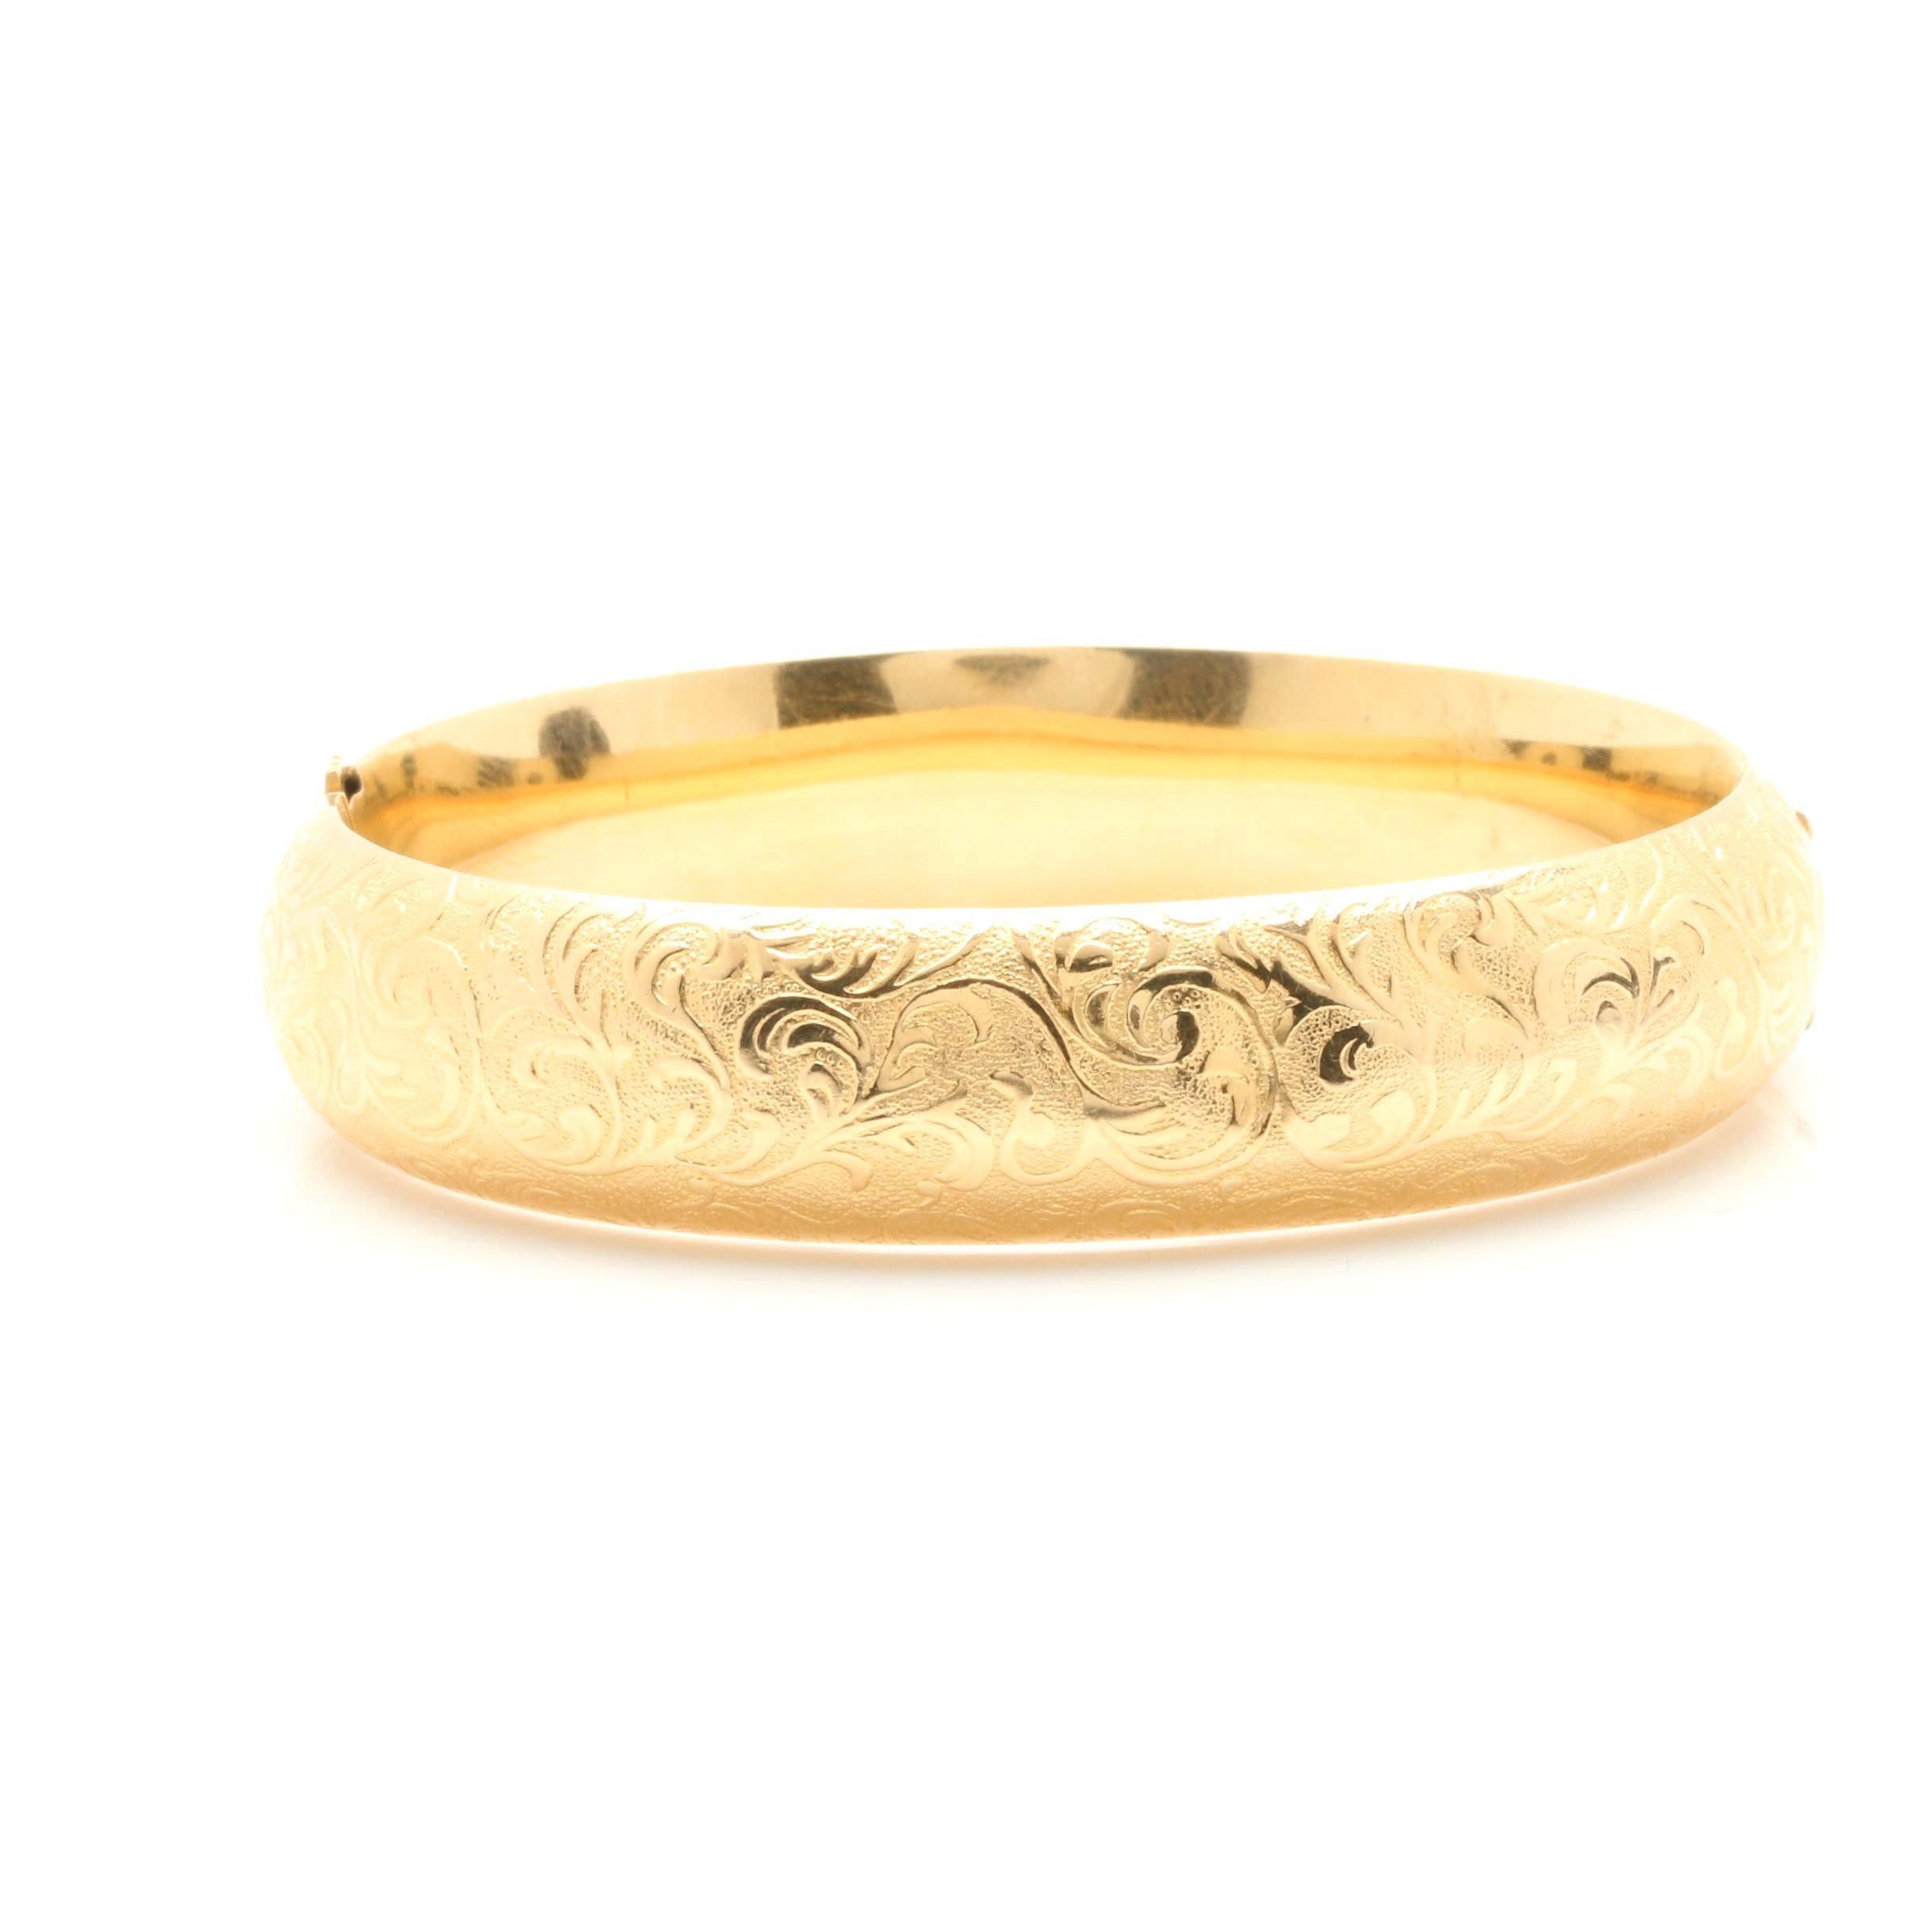 Circa 1940s 14K Yellow Gold Bangle Bracelet